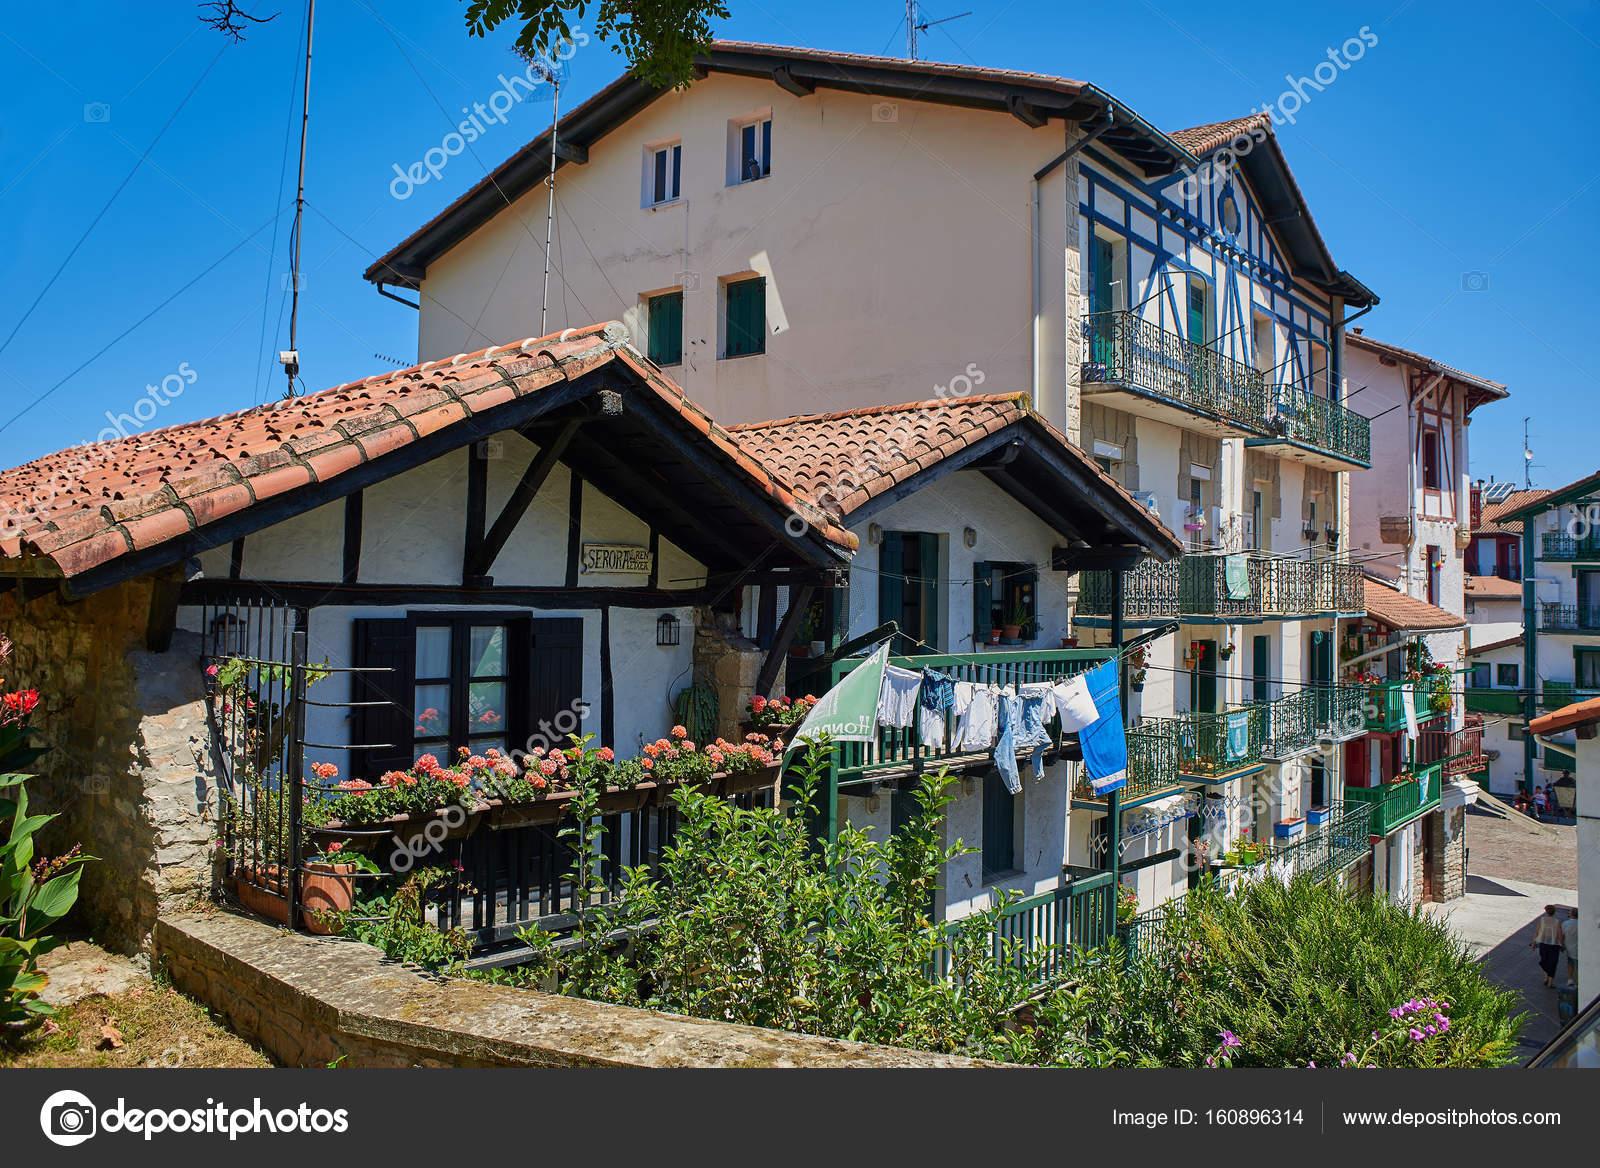 Casas antiguas de hondarribia gipuzkoa pa s vasco espa a foto editorial de stock - Casas pais vasco ...